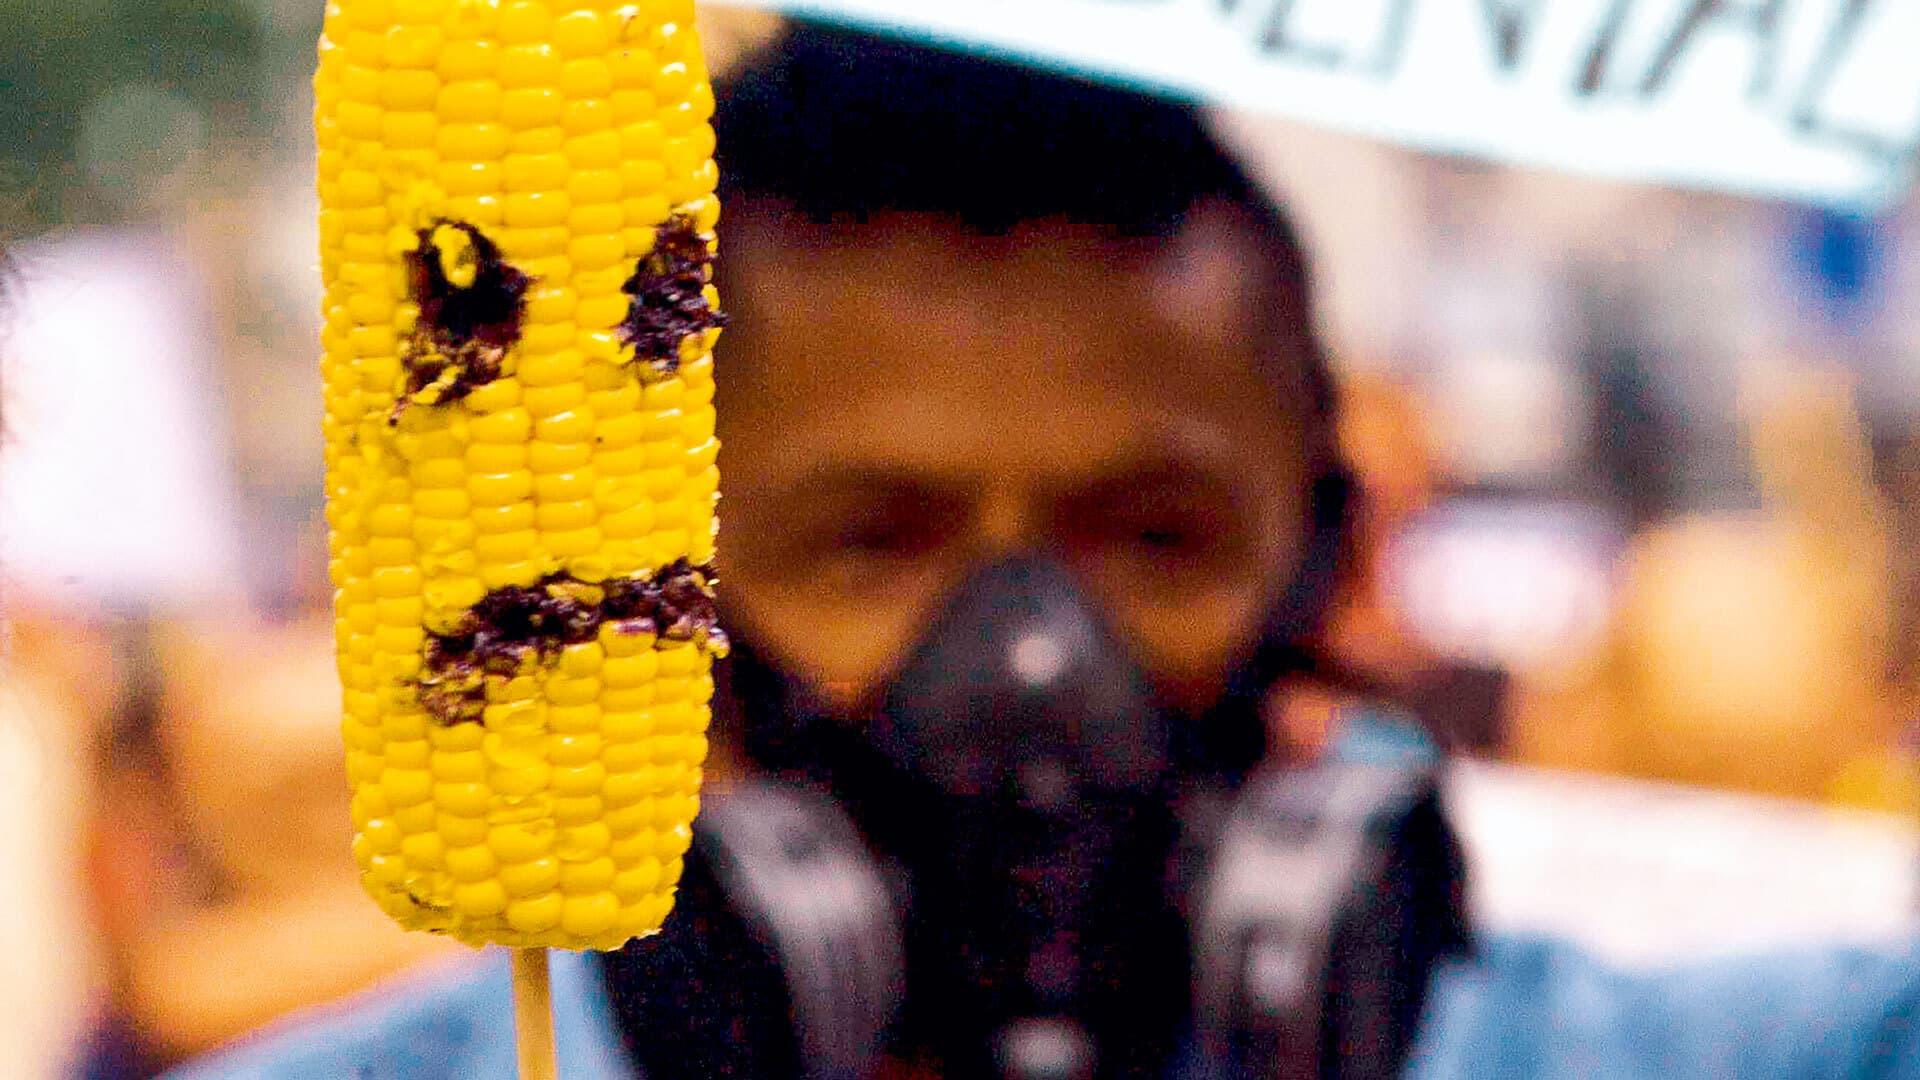 Maiskolben mit wütendem Gesicht bei einer Gentechnik-Demo